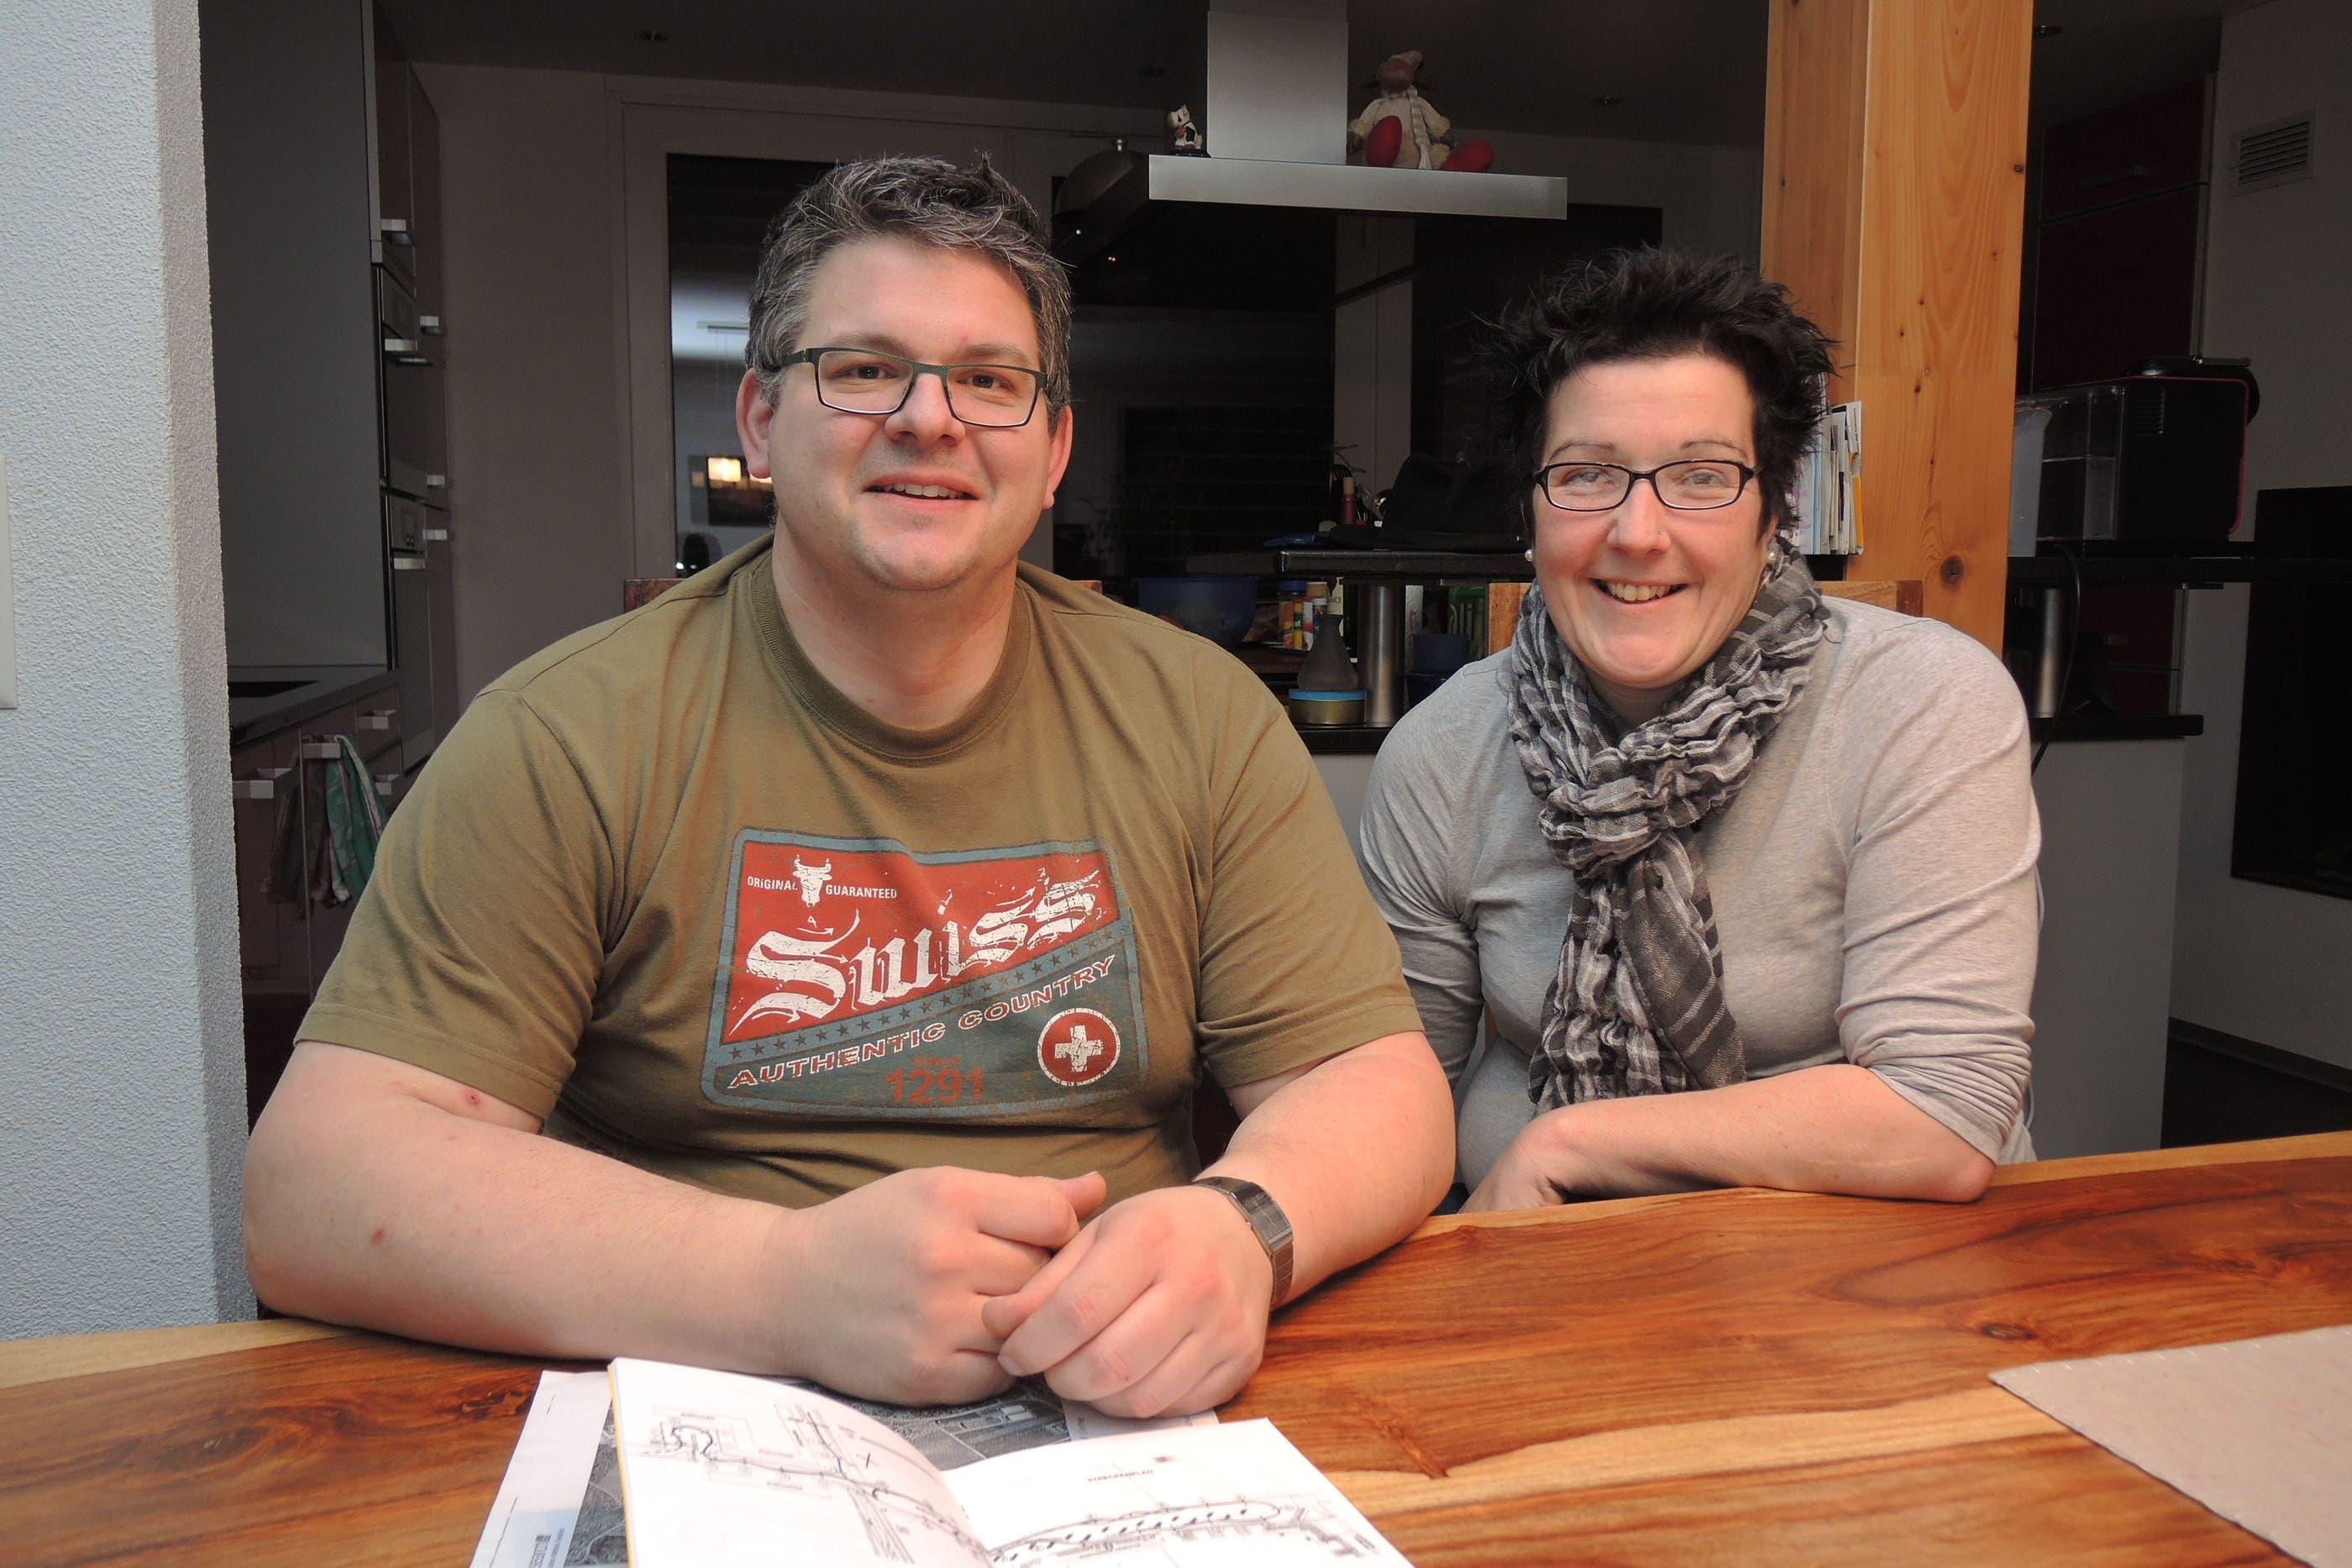 Stefan Buser ist Präsident der Ecurie Dynamic Grenchen, Patricia Brog, Sekretärin des Vereins